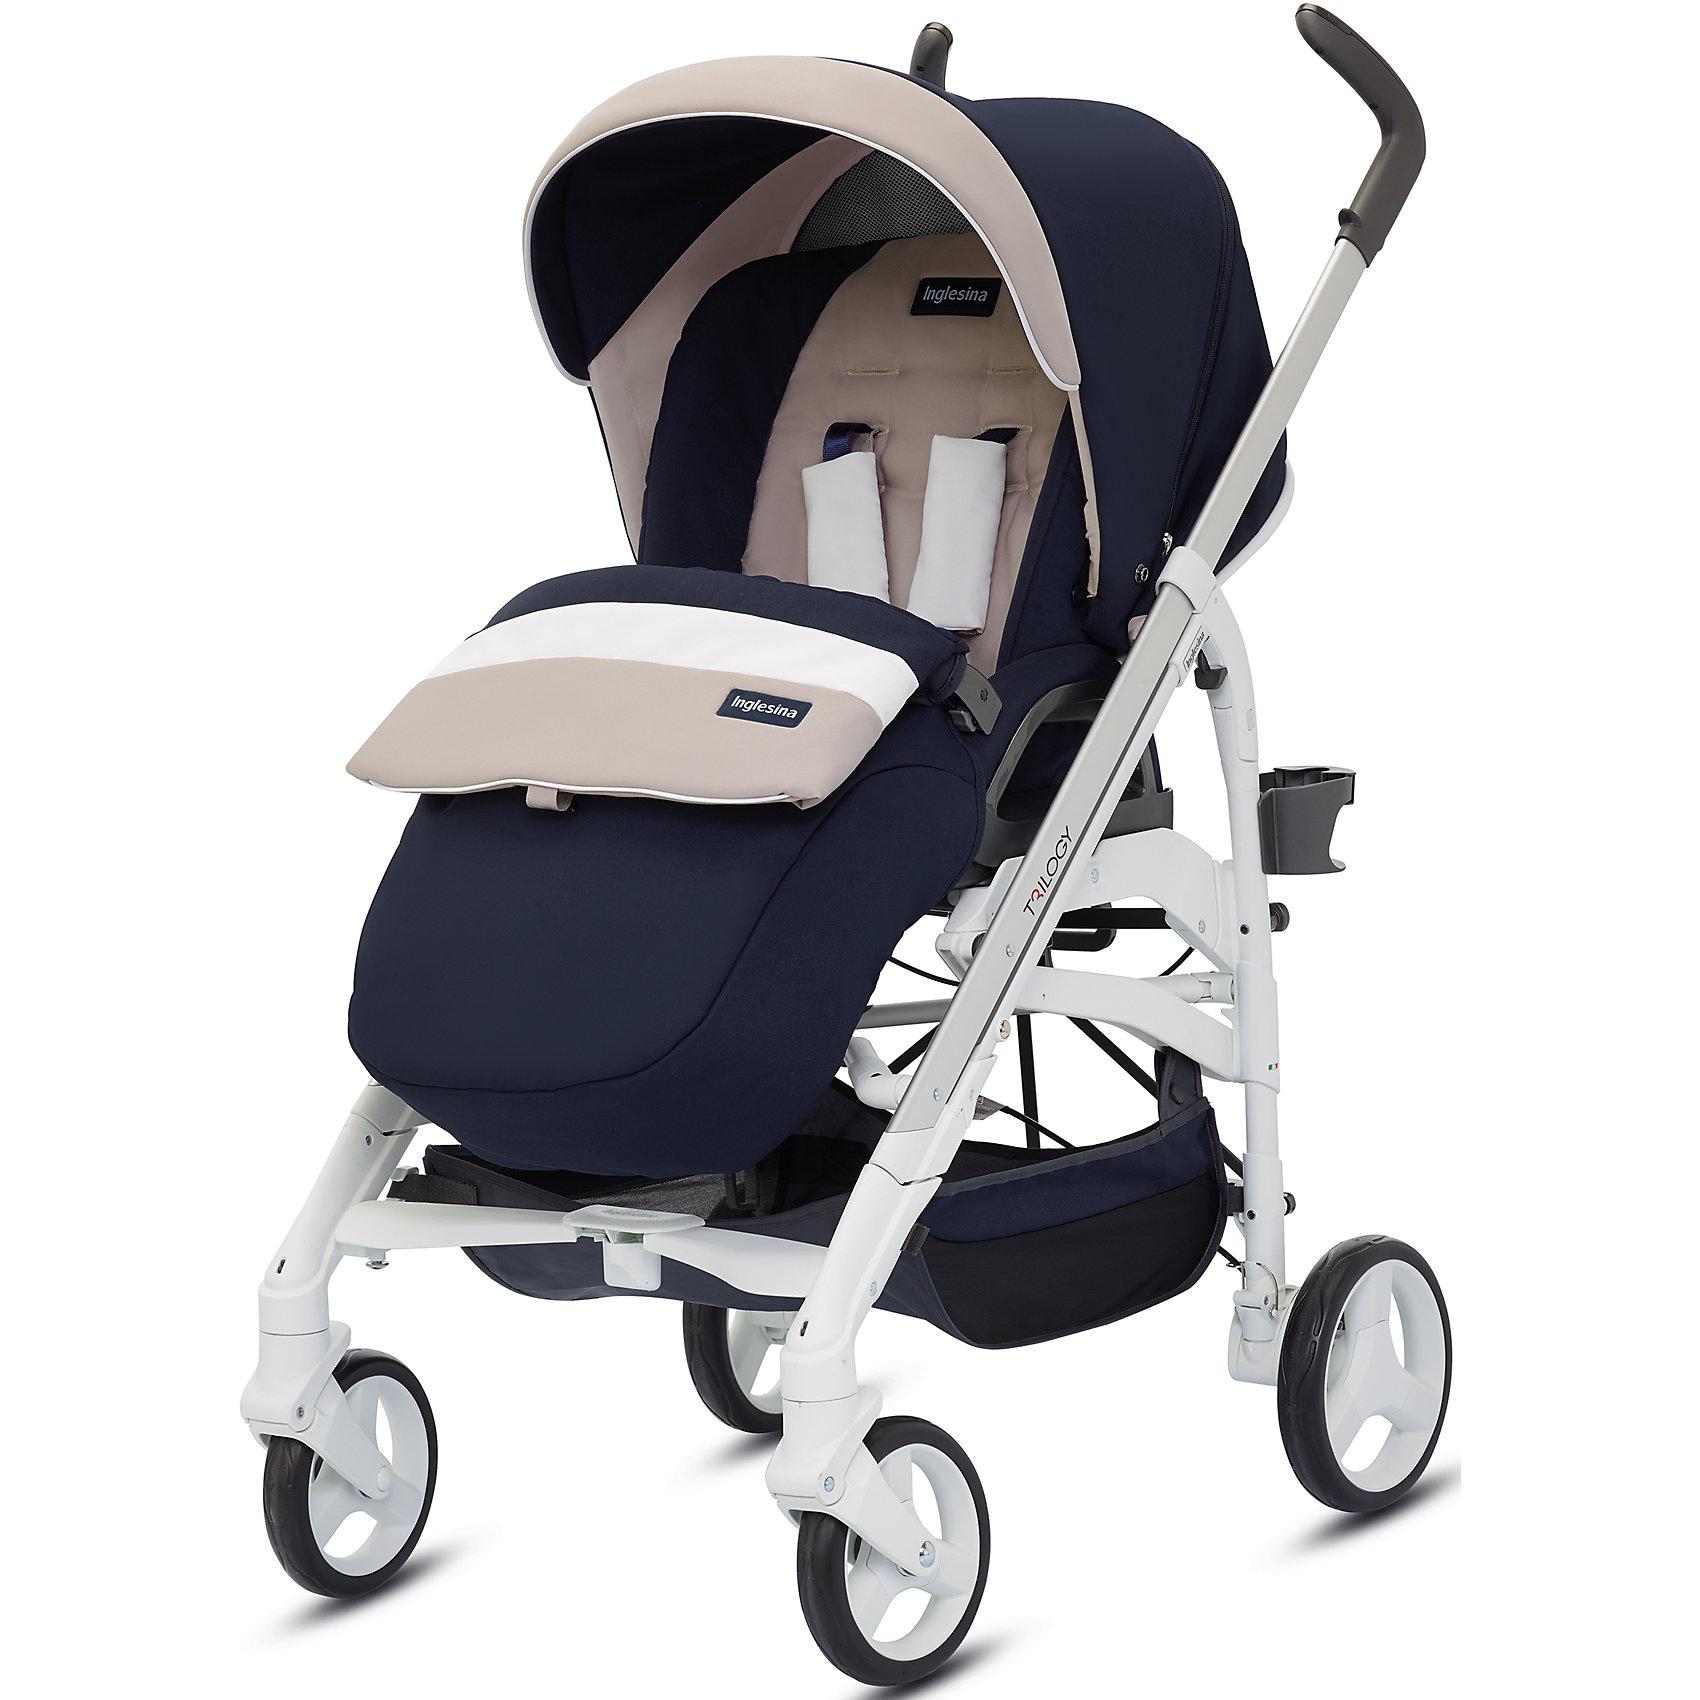 Прогулочная коляска Trilogy, Inglesina, CookieПрогулочная коляска Trilogy - прекрасный вариант для малышей и их родителей! Модель имеет прочную алюминиевую раму, систему амортизации, передние поворотные колеса, с возможностью фиксации. Модель легко складывается, имеет ножной тормоз и небольшую ширину шасси, благодаря которой коляска войдет даже в самый узкий дверной проем. С помощью системы Easy Clips, прогулочный блок одним движением руки устанавливается и снимается с шасси. Прогулочный блок переставляется лицом к маме или по направлению движения Удобное сиденье, объемный капюшон со смотровым окошком, регулируемые подножка и спинка обеспечат малышу спокойный и комфортный отдых, а пятиточечные страховочные ремни с мягкими накладками и съемный бампер гарантируют безопасность. Чехол прогулочного блока выполнен из прочных материалов, он легко снимается и стирается в теплой воде. <br><br>Дополнительная информация:<br><br>- Материал: пластик, резина, текстиль, алюминий.<br>- Тип складывания: трость. <br>- Размер в разложенном виде: 83х57х107 см. <br>- Размер в сложенном виде: 48х37х97 см.<br>- Ширина шасси: 57 см.<br>- Количество колес: 4.<br>- Колеса с подшипниками. <br>- Диаметр колес: передних - 17,5 см; задних - 20,5 см.<br>- Вес: 9,5 кг.<br>- Передние колеса поворотные с возможностью фиксации. <br>- Регулируемая спинка (в 4-хположениях, до горизонтального).<br>- Регулируемая подножка (в 2-х положениях).<br>- 5-титочечные ремни безопасности.<br>- Съемный бампер.<br>- Капюшон со смотровым окошком. <br>- Регулируемая по высоте ручка. <br>- Максимальный вес ребенка: 15 кг. <br>- Вместительная корзина для вещей. <br>- Комплектация: накидка на ножки, дождевик, подстаканник. <br><br>Прогулочную коляску Trilogy, Inglesina (Инглезина), Cookie, можно купить в нашем магазине.<br><br>Ширина мм: 1000<br>Глубина мм: 324<br>Высота мм: 415<br>Вес г: 13150<br>Возраст от месяцев: 6<br>Возраст до месяцев: 36<br>Пол: Унисекс<br>Возраст: Детский<br>SKU: 4764223